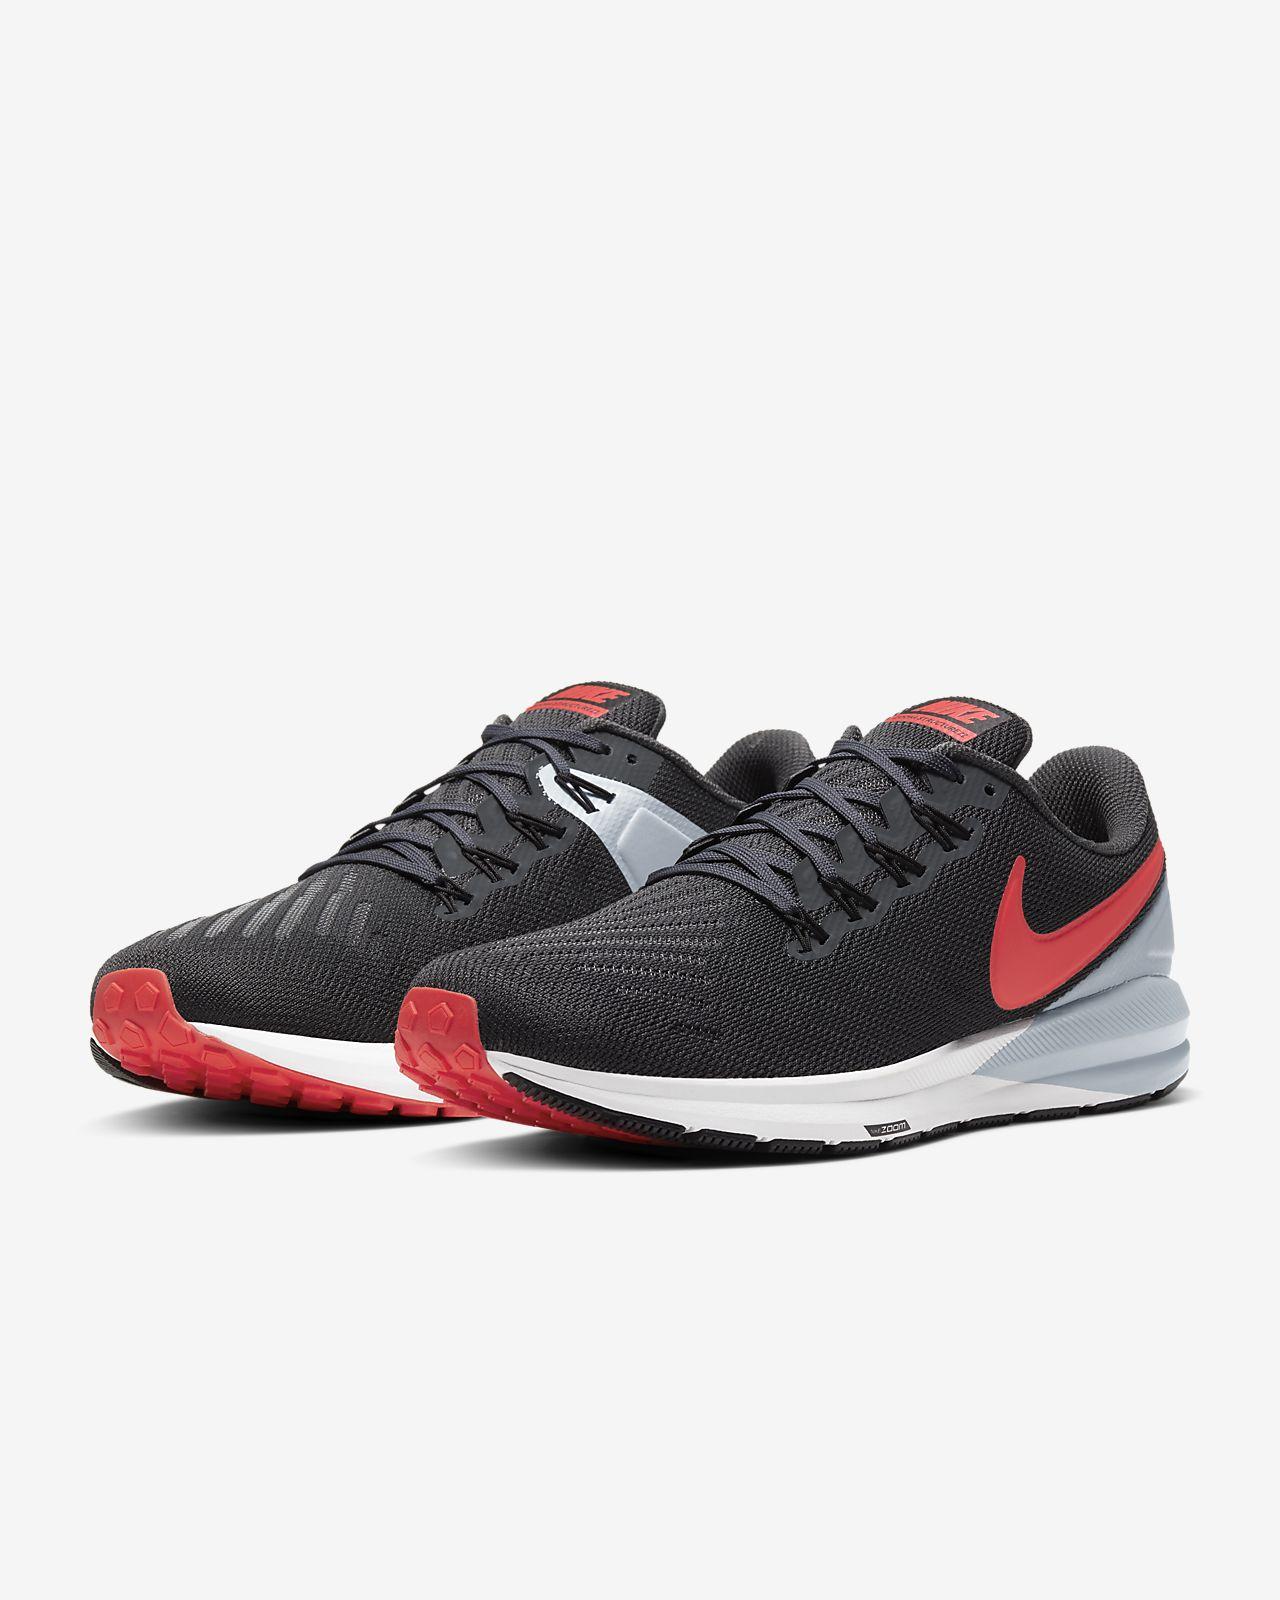 Nike Air Zoom Structure 21 Hardloopschoen voor heren